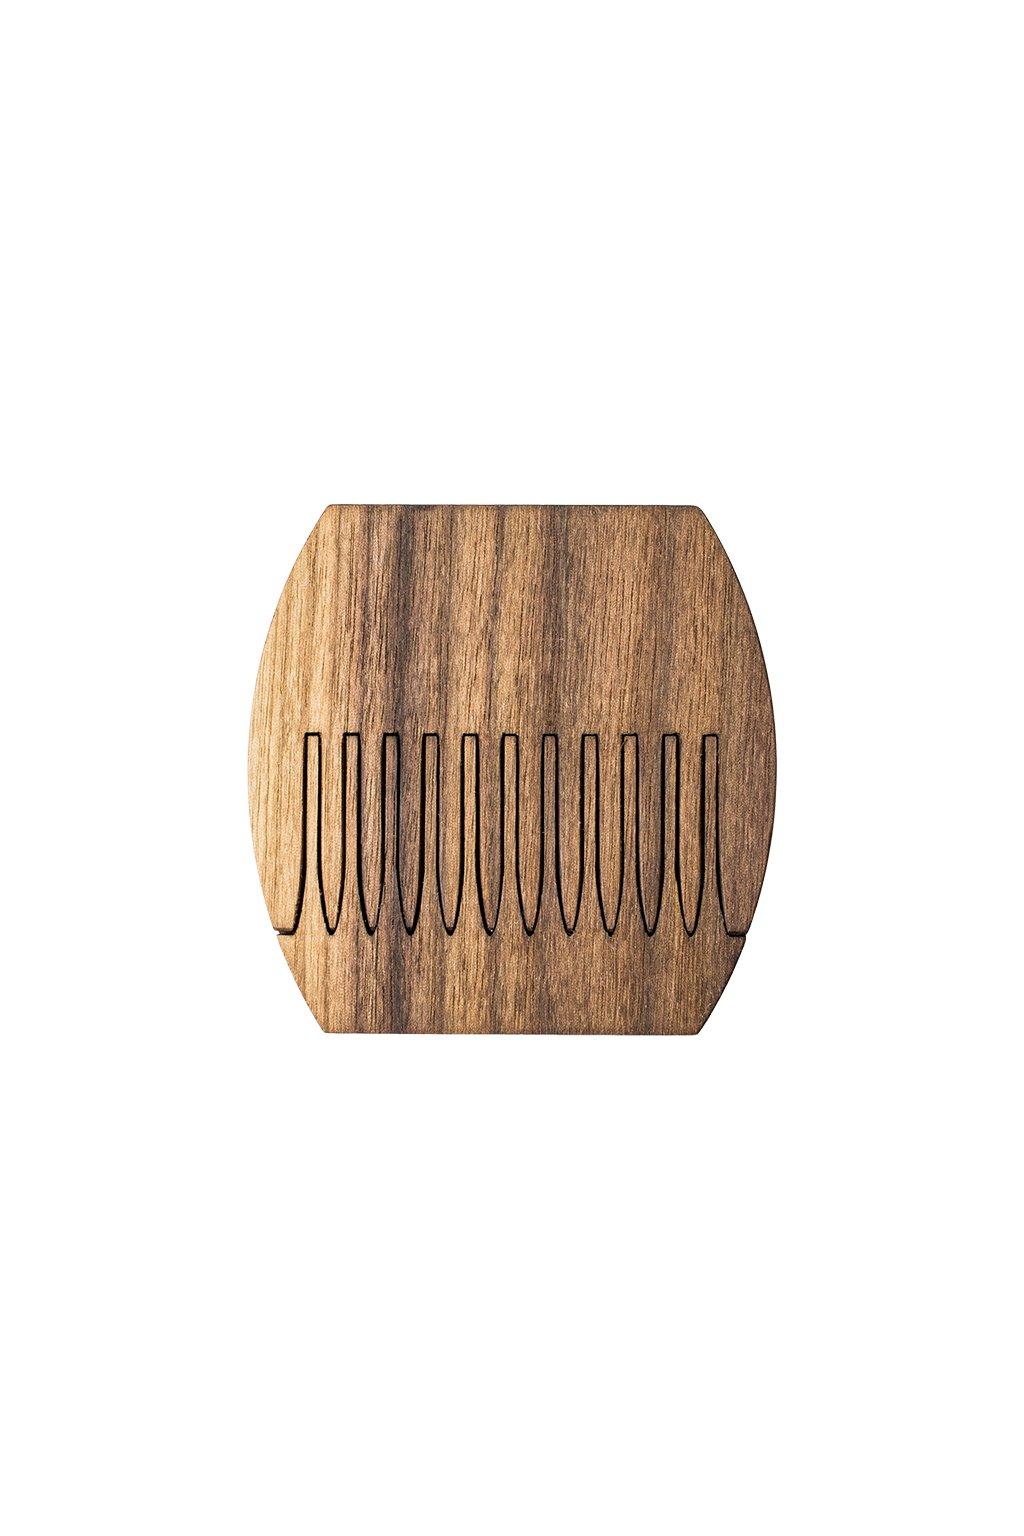 Kapesní dřevěný hřebínek Pocket z ořechového dřeva | JAA∞TY